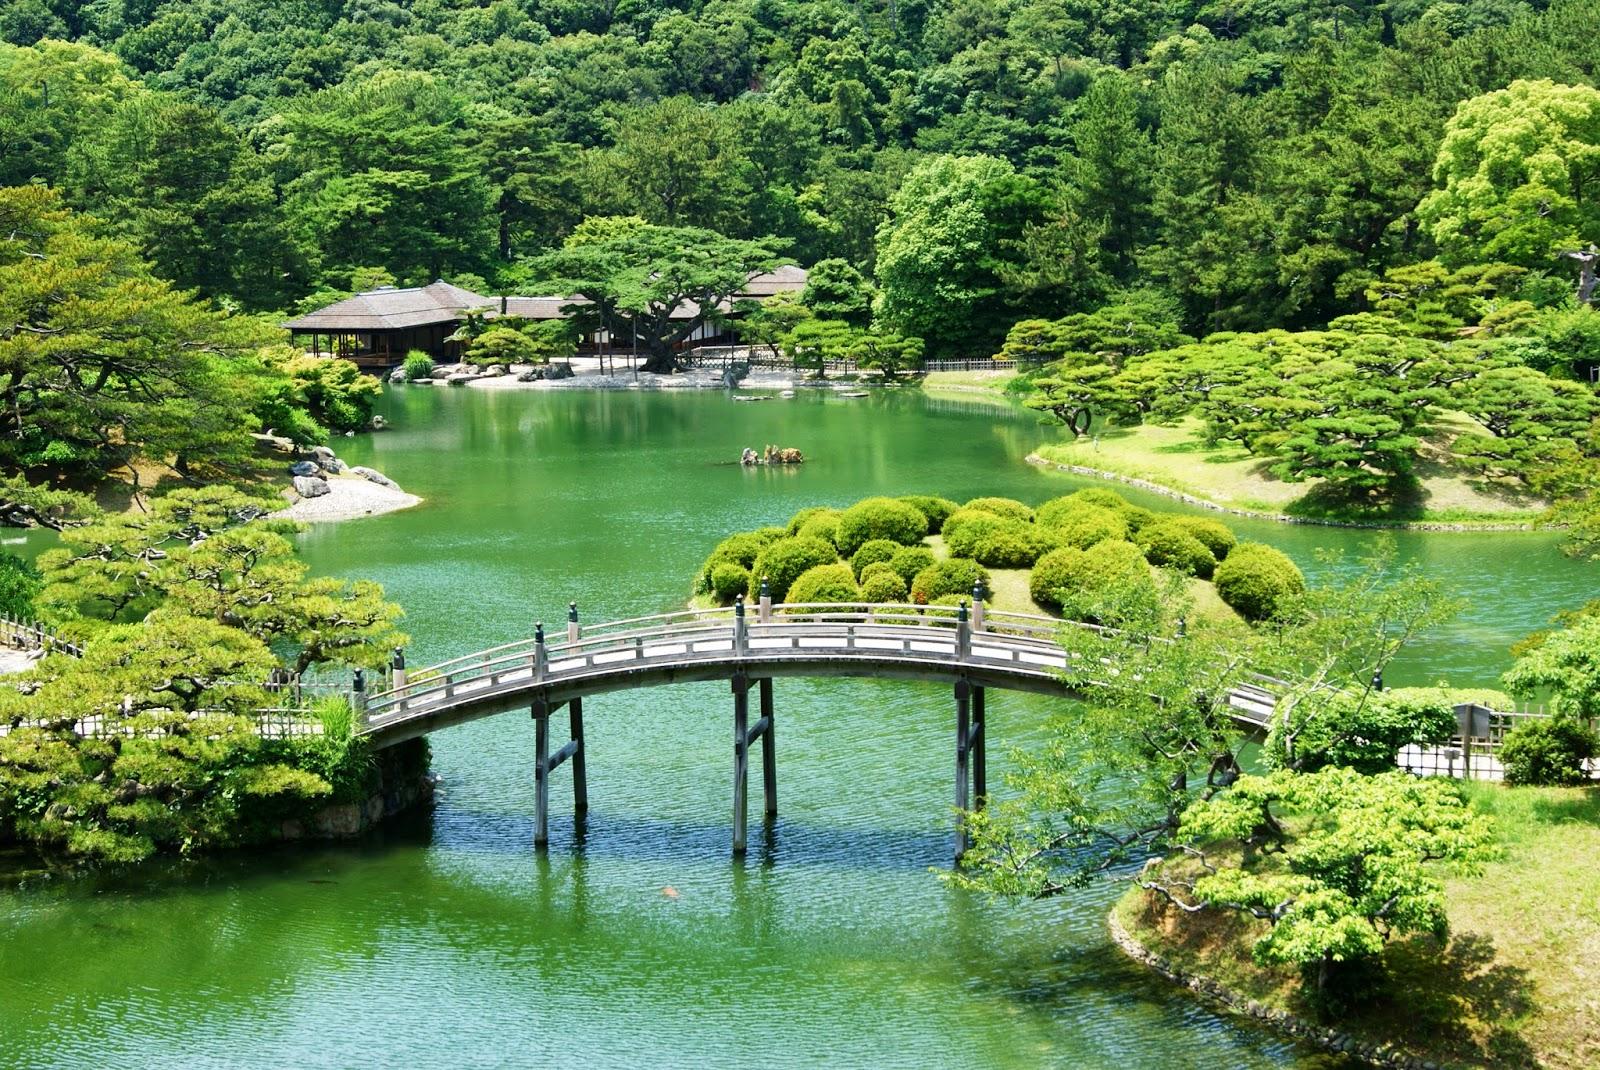 又有去日本的理由了~ 日本年度TOP30人氣景點大公開 你攻略了幾個? - TripGo 旅行趣